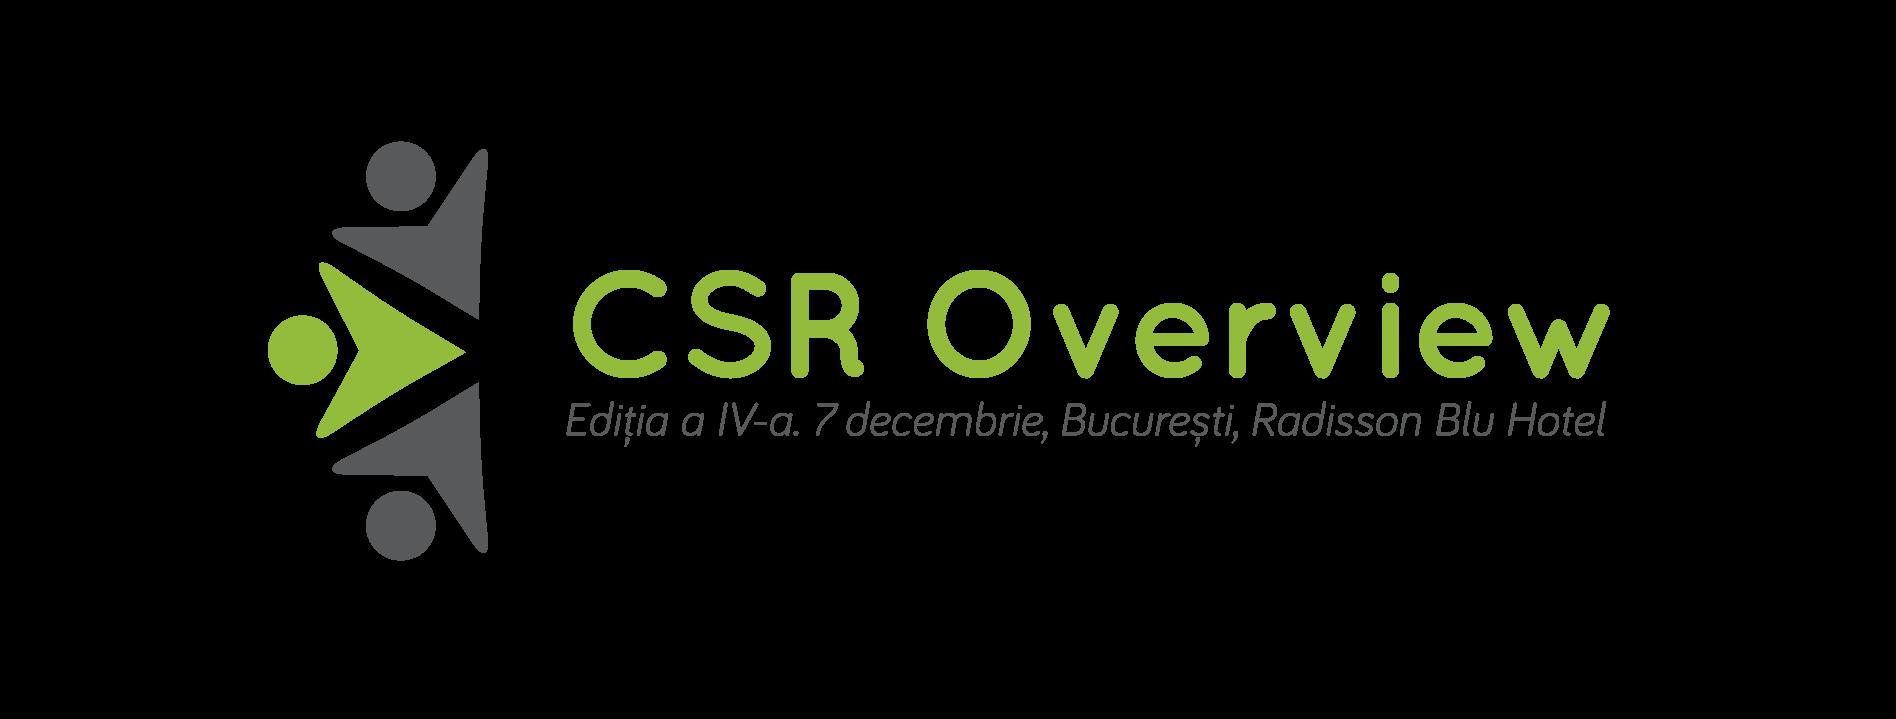 csr-overview-2016